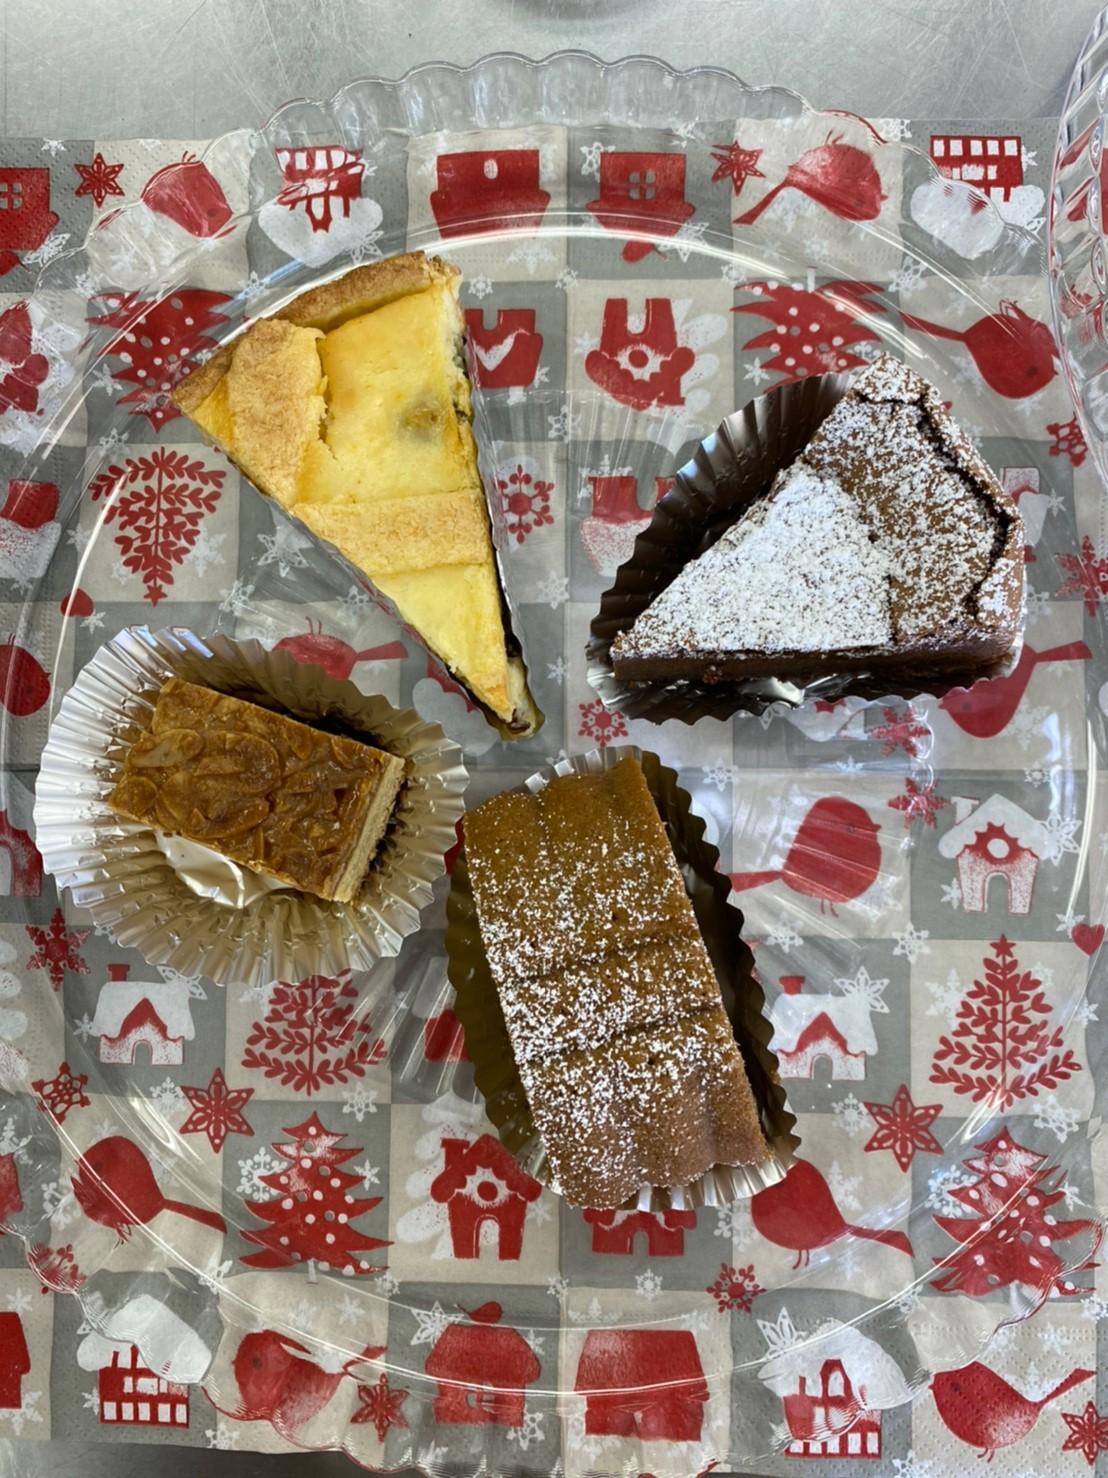 喫茶ケーキ 150円/1切 ガトーショコラ トスカーナケーキ カルカッソケーキ チーズケーキ